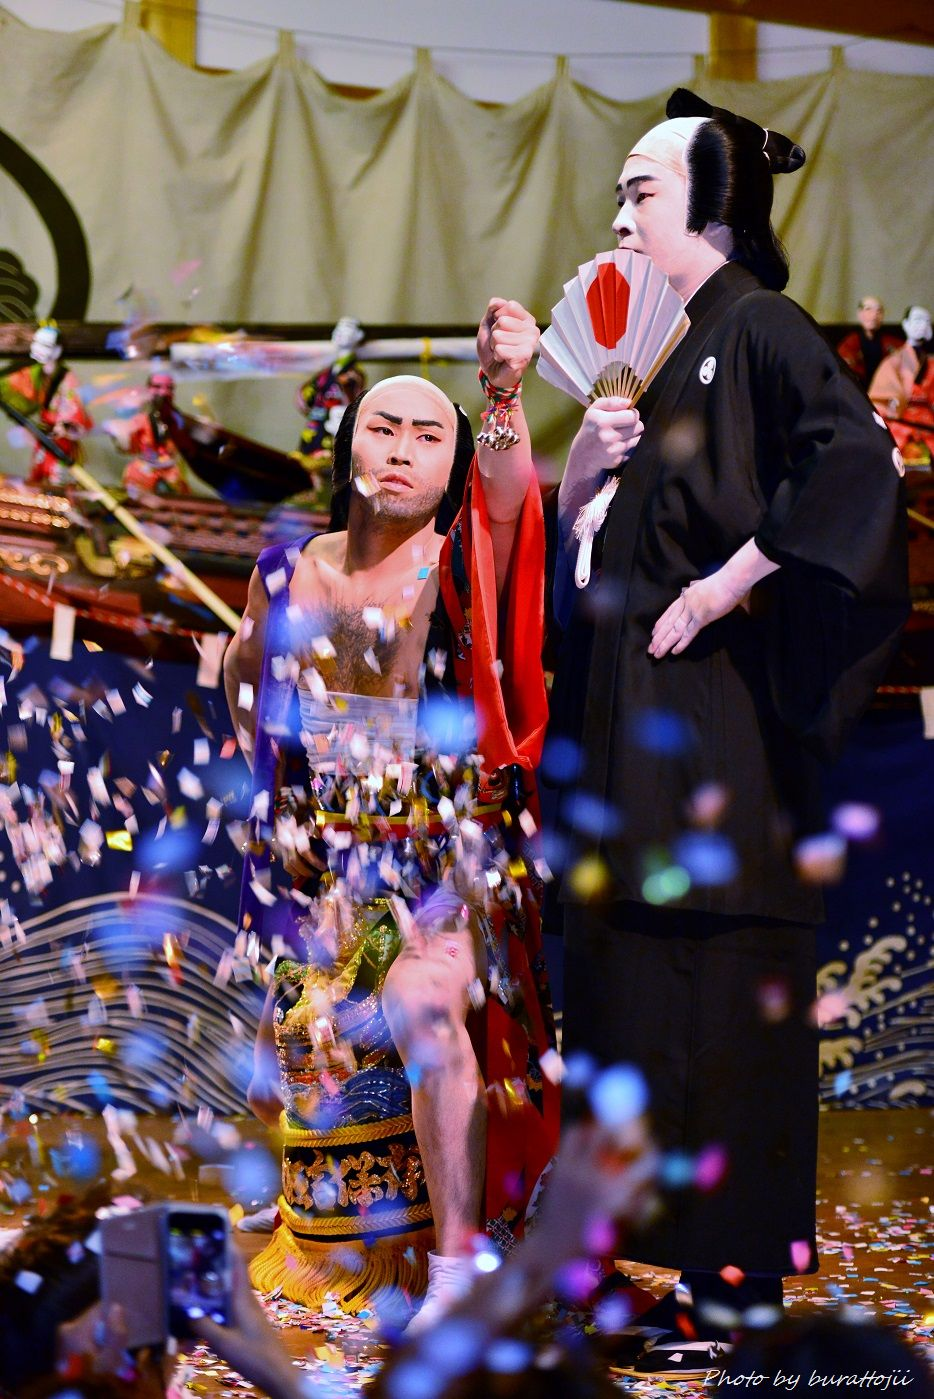 2014.09.11蛸島キリコ祭り早船狂言9